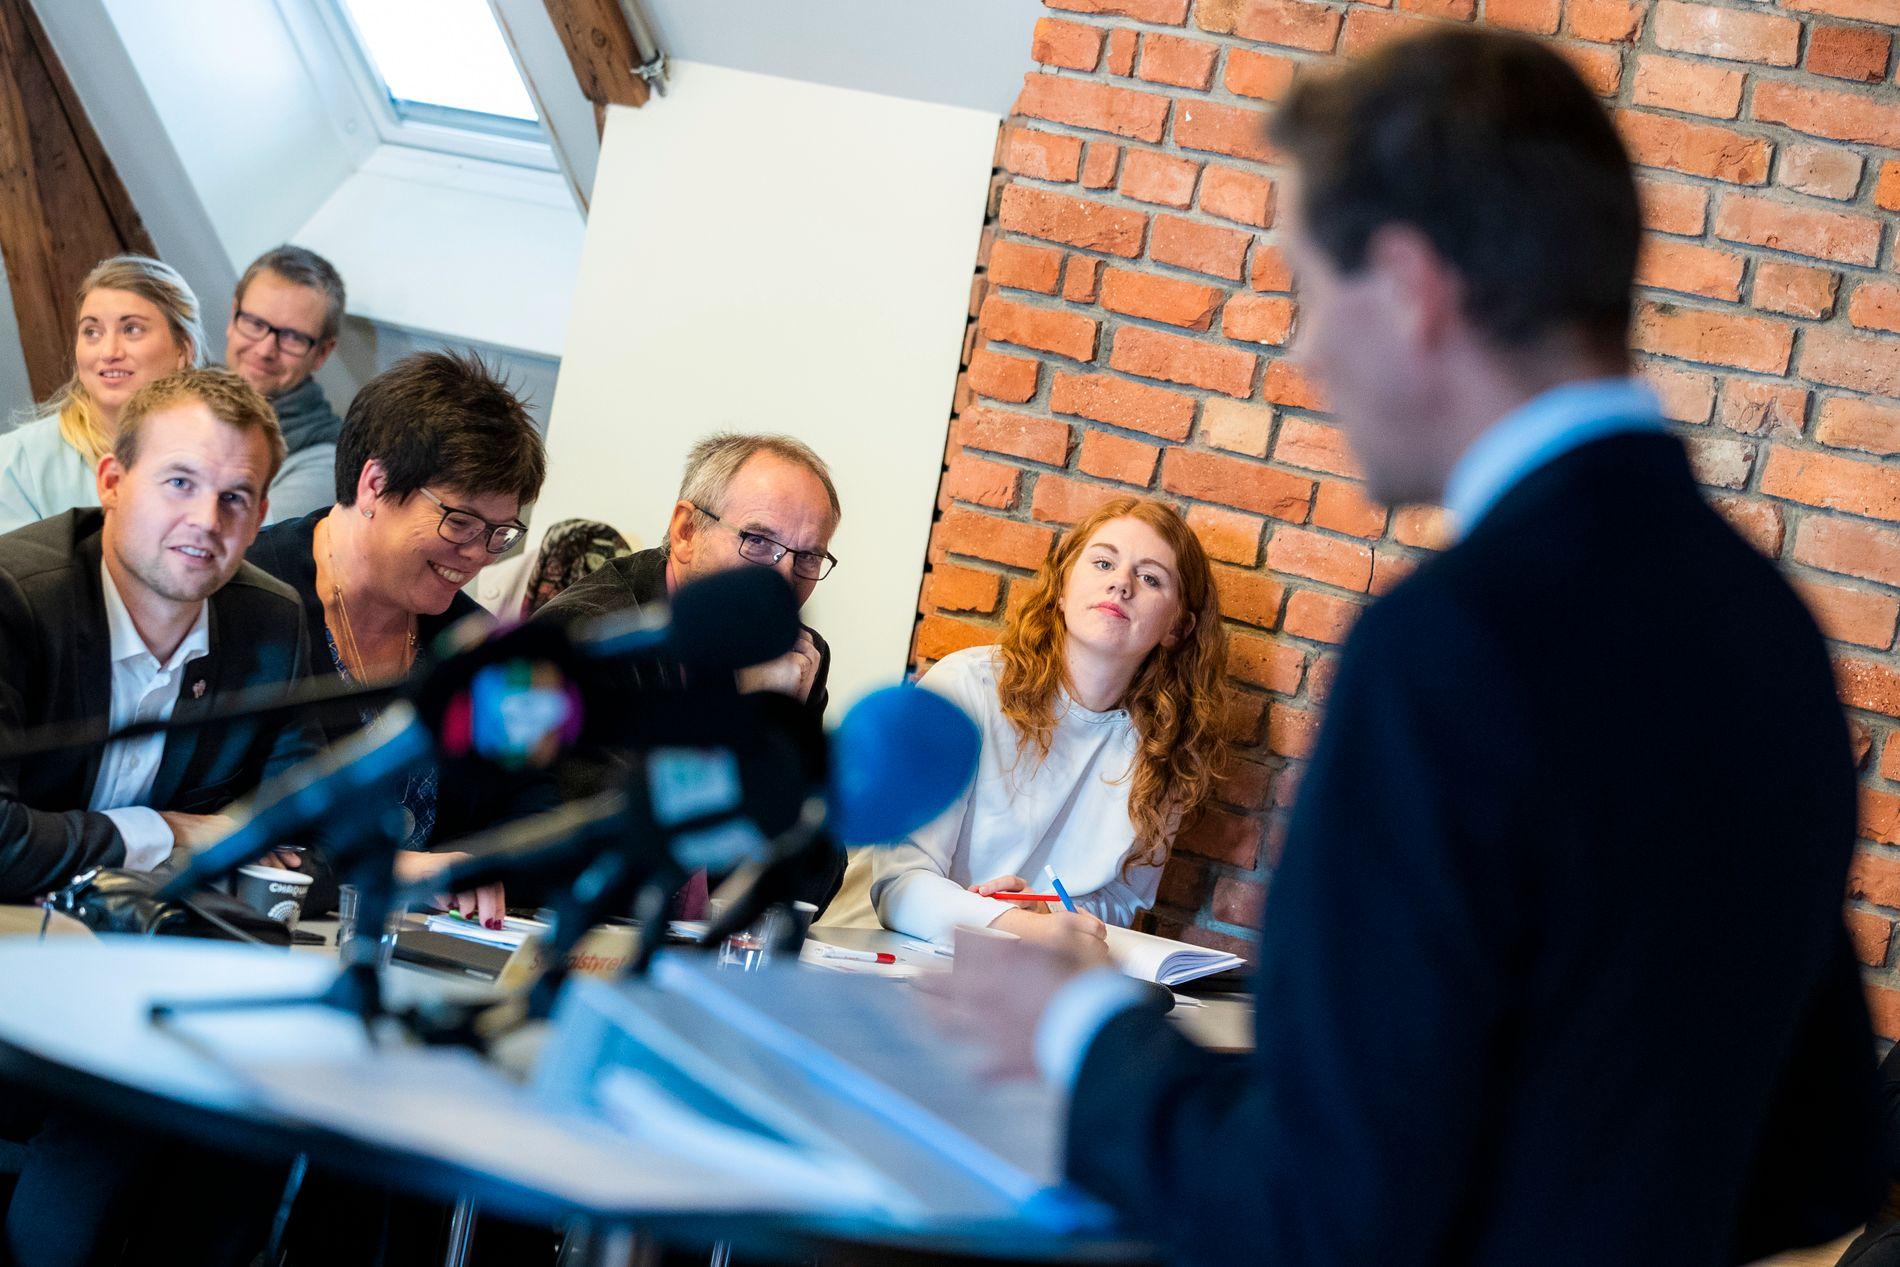 KRITISK: Tove Welle Haugland (midt i bildet), her under landsstyremøtet der Knut Arild Hareide rådet partiet til å felle dagens regjering og innsette en Ap/Sp/KrF-regjering ledet av Ap-leder Jonas Gahr Støre.